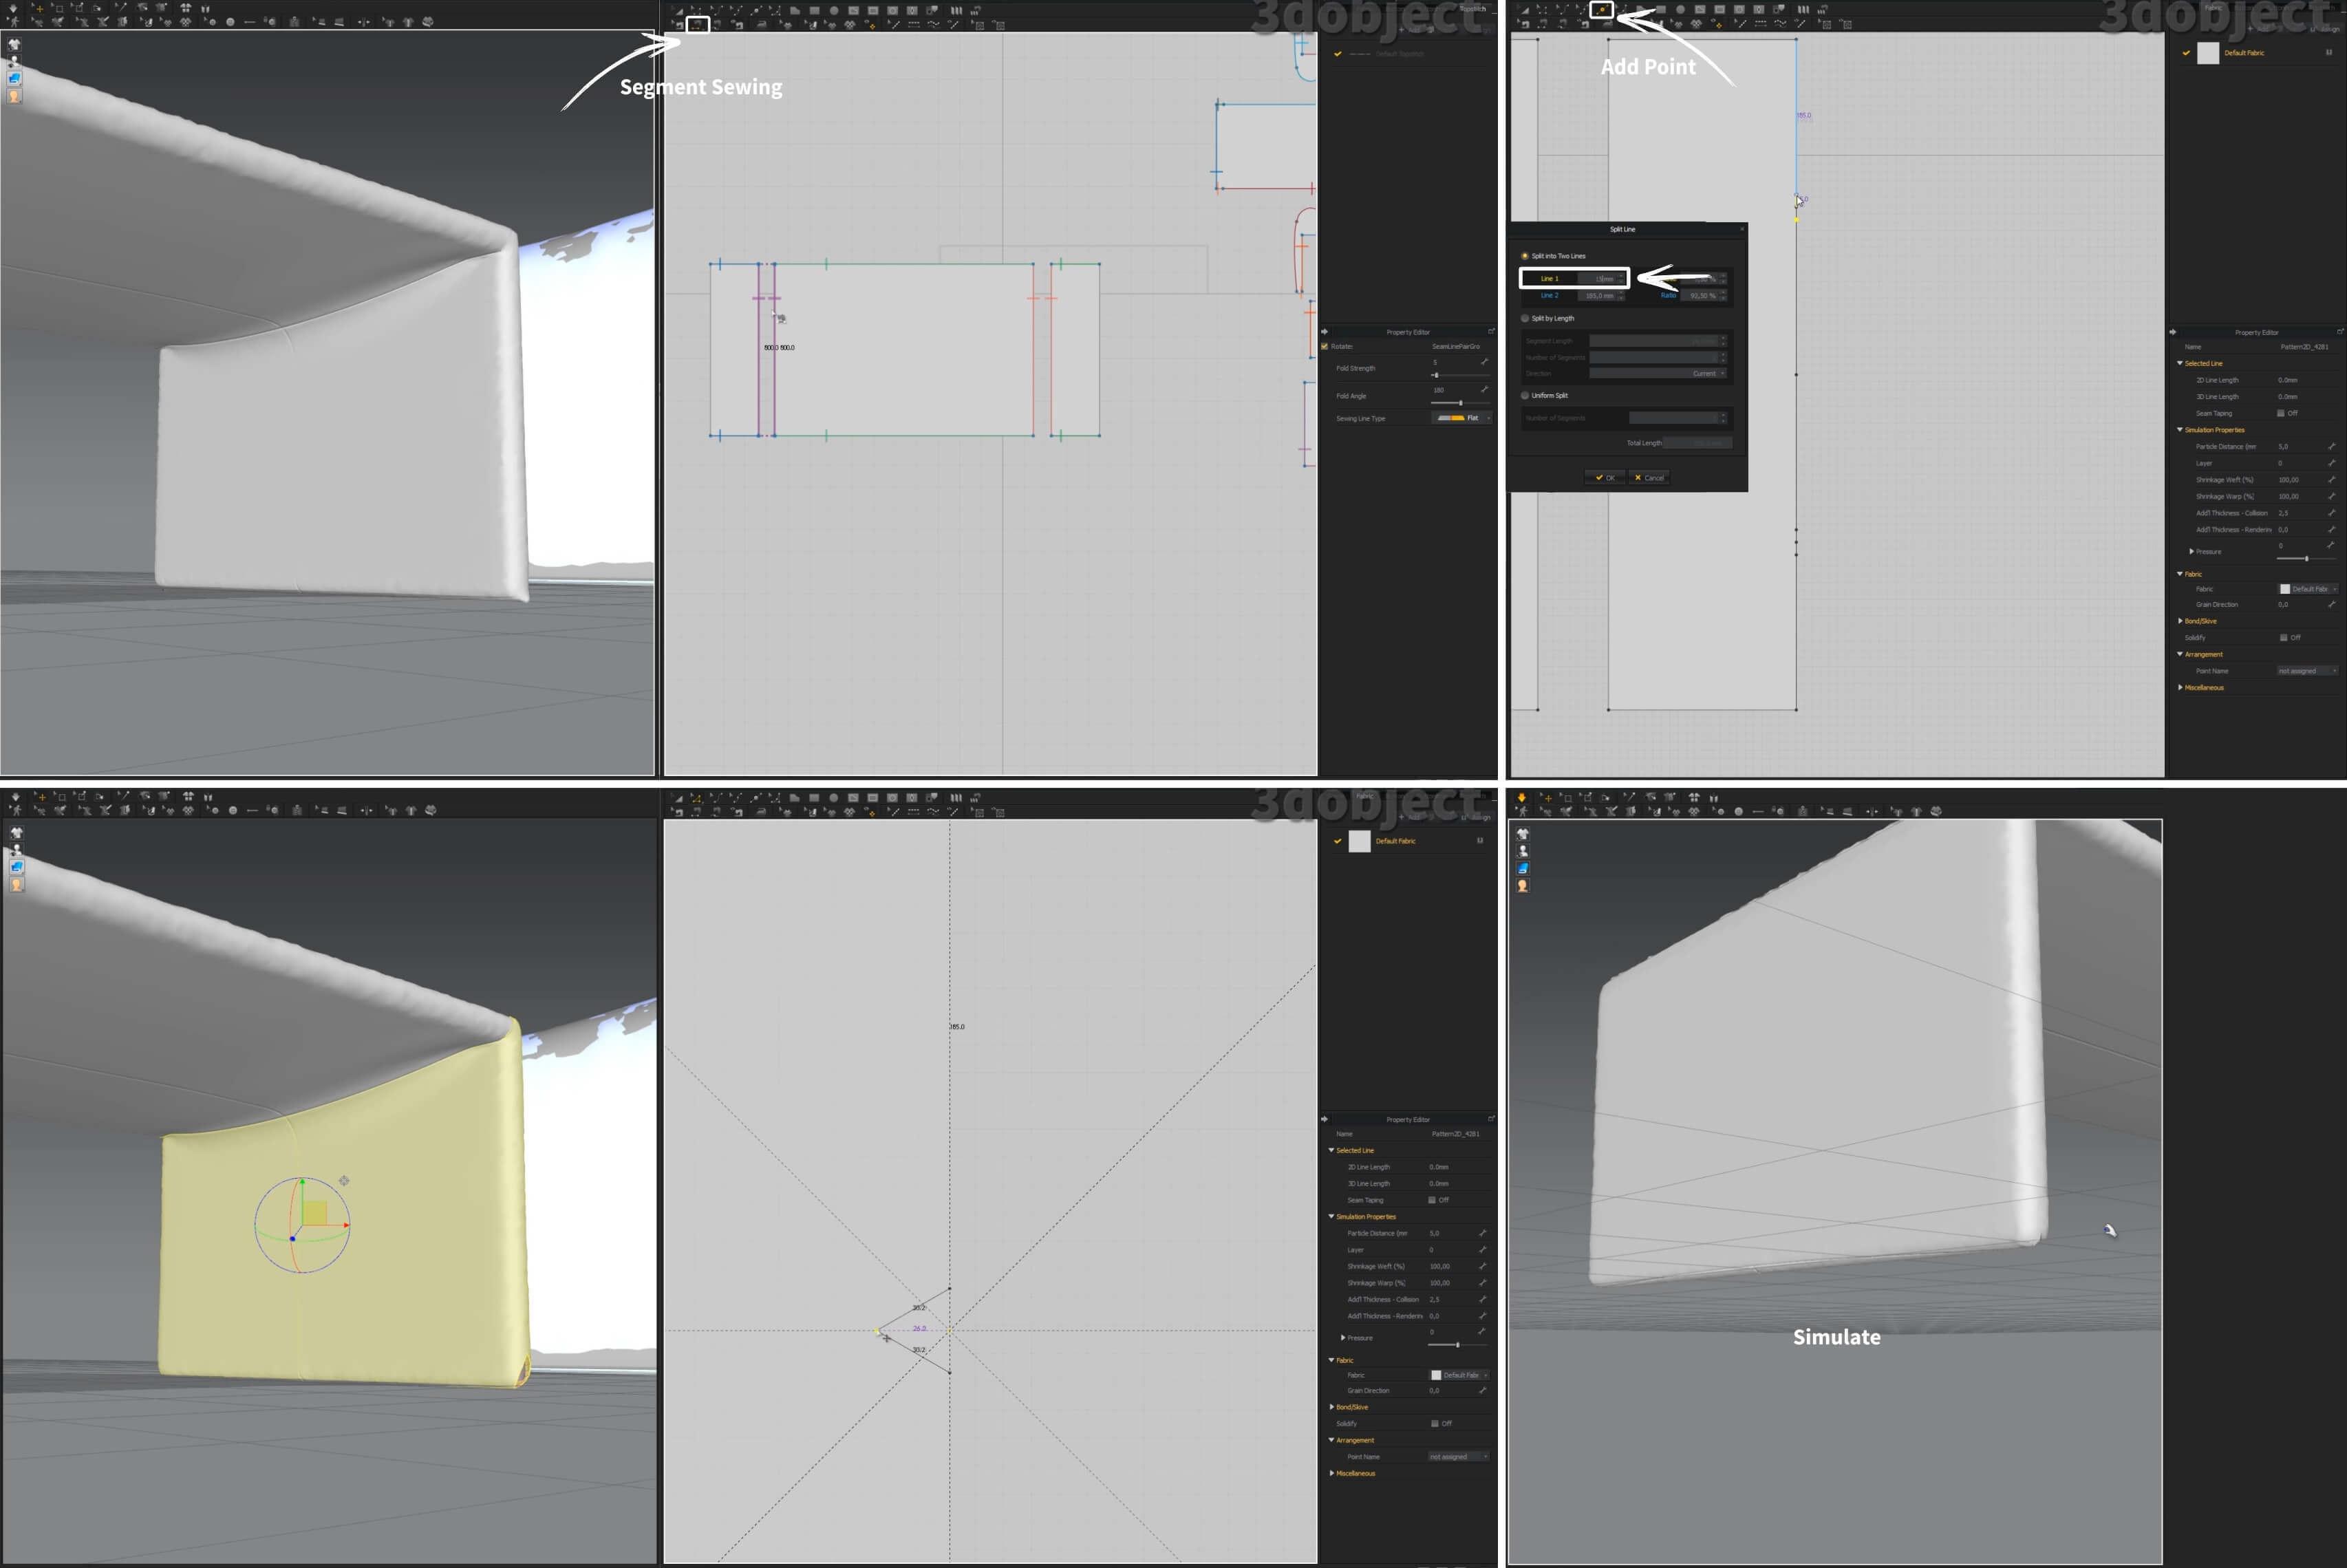 3d моделирование прикроватной скамьи dv home collection Envy